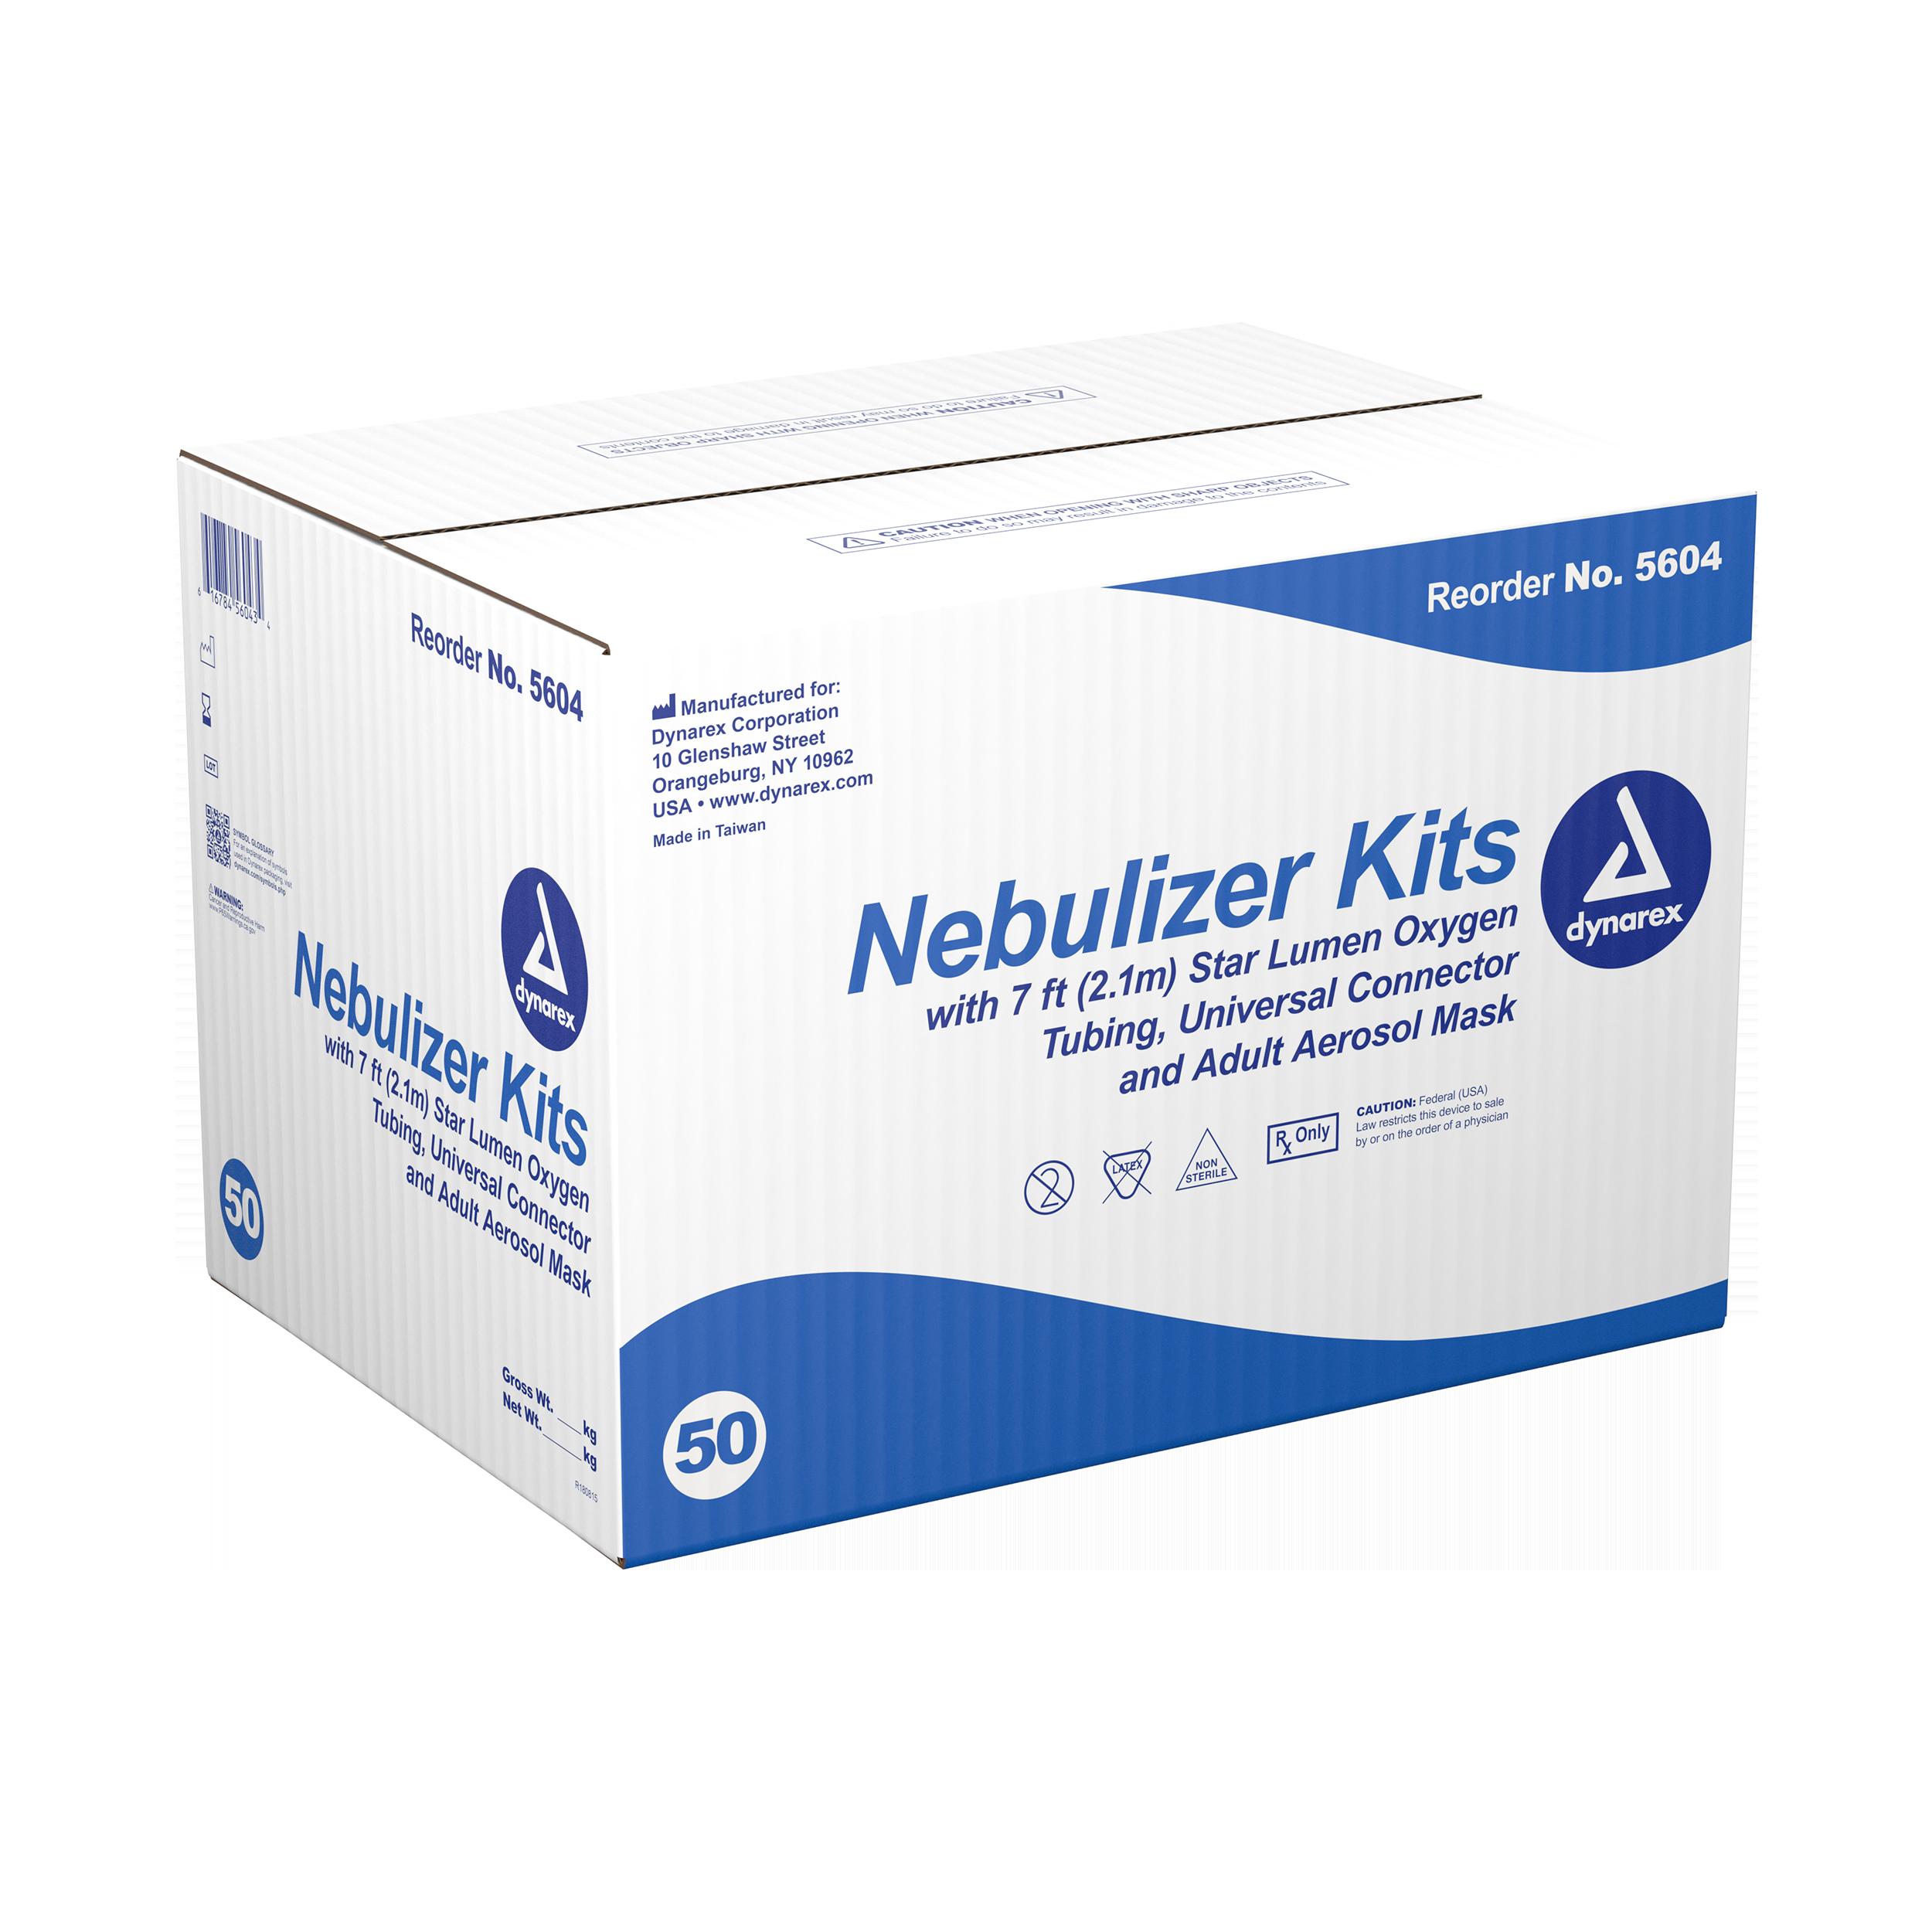 Nebulizer Kit With Adult Aerosol Mask - 7ft Oxygen Tubing - 50/Cs